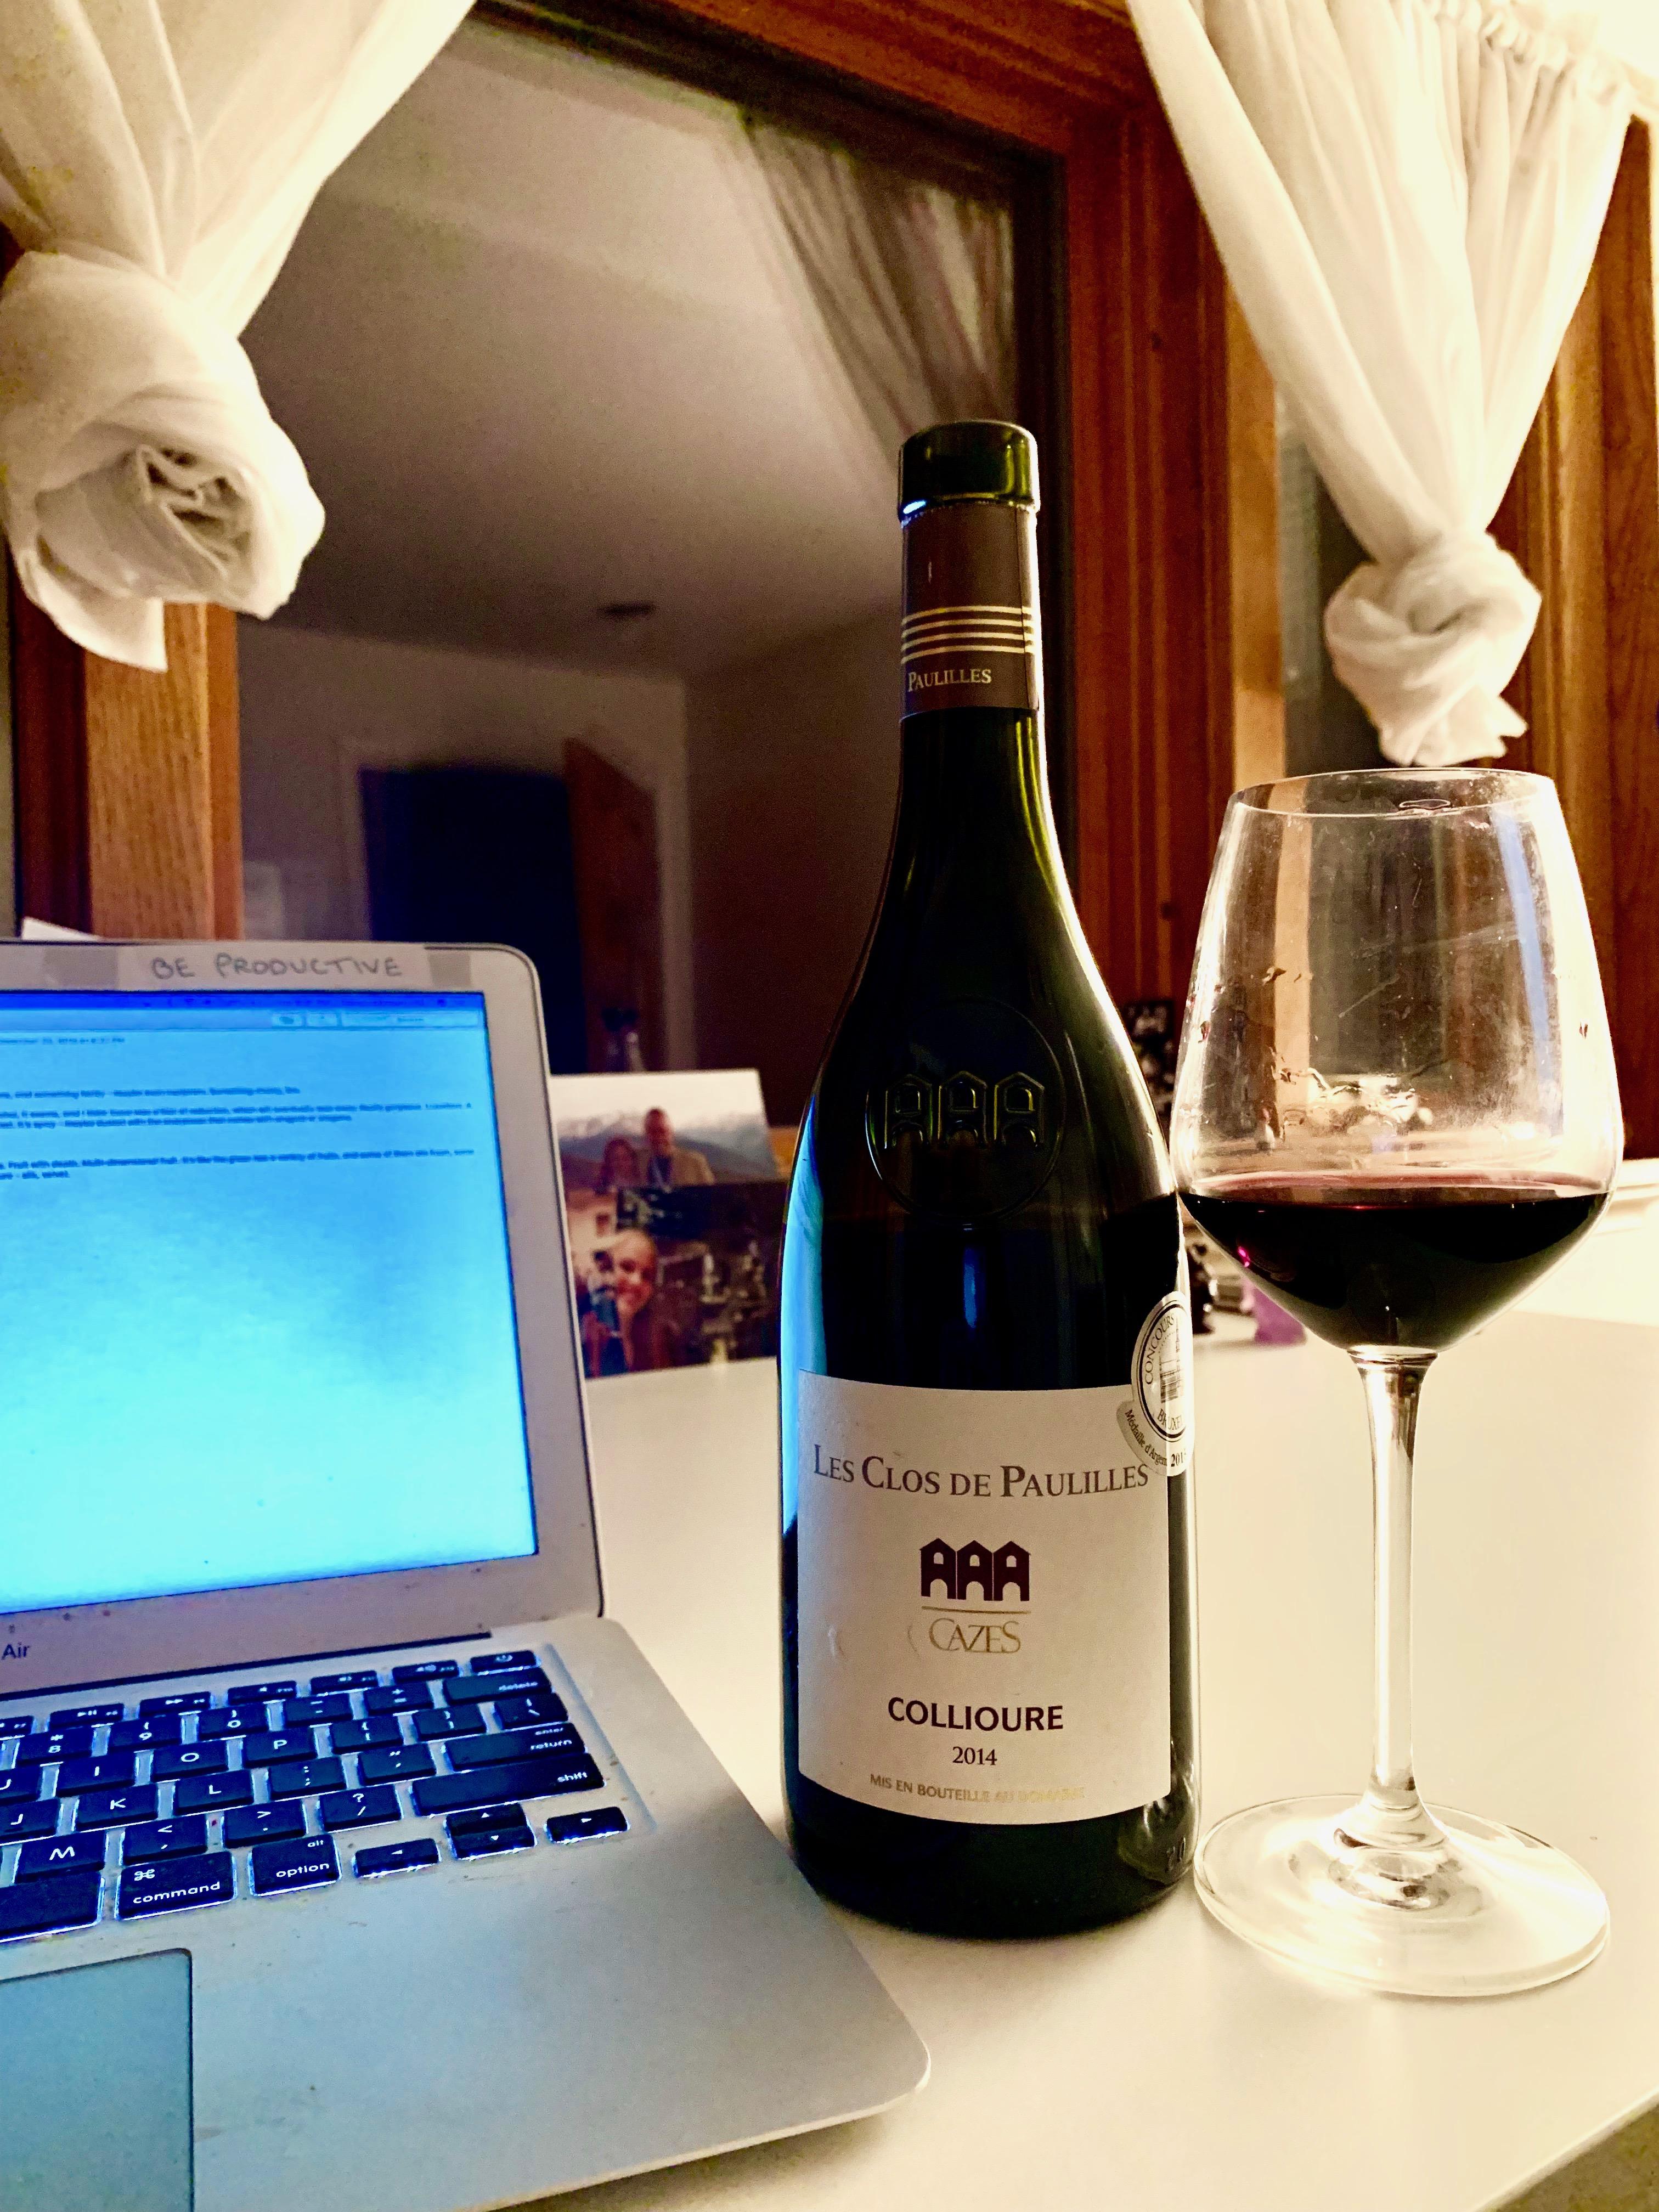 Collioure Les Clos de Paulilles an excellent everyday Roussilon wine.